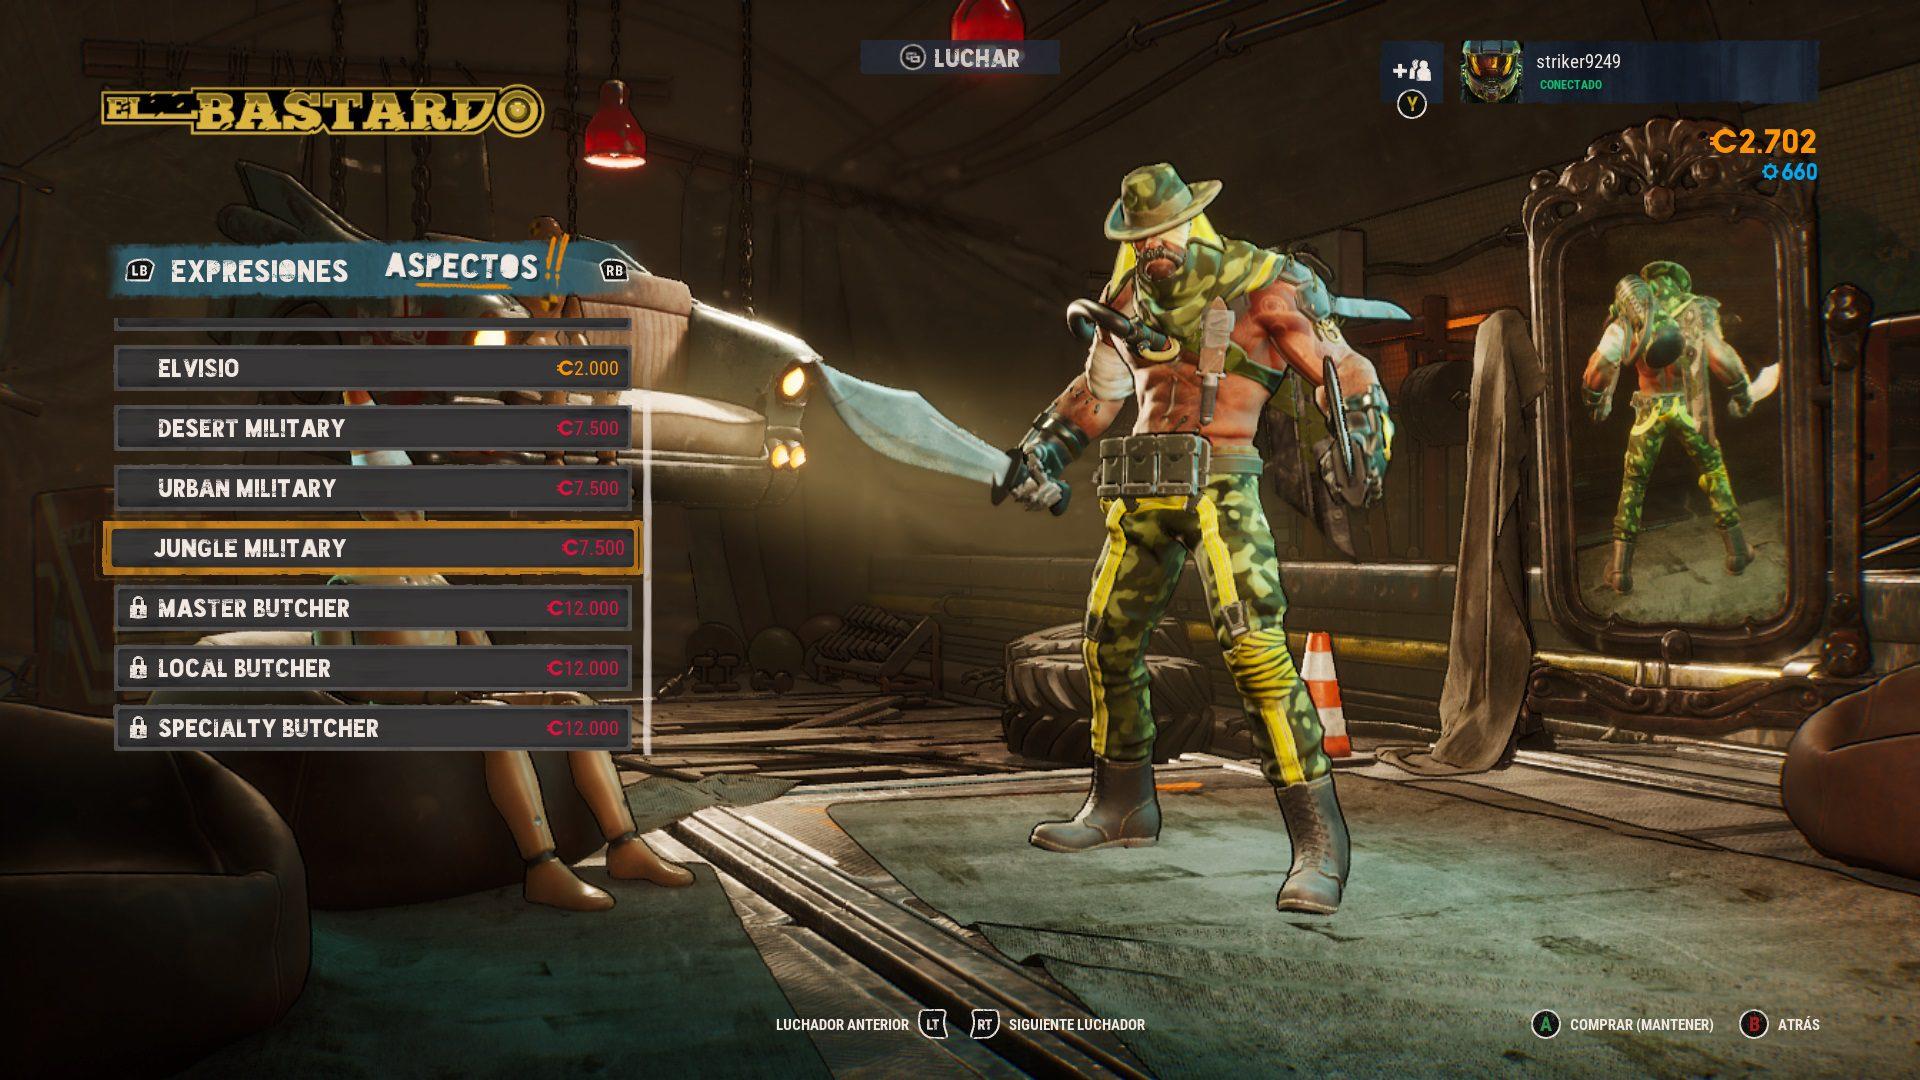 """La nueva actualización de Bleeding Edge añade el mapa """"Hydrocore"""" y muchas más novedades - Ninja Theory ha lanzado la nueva actualización para Bleeding Edge que añade el nuevo mapa """"Hydrocore"""" y una buena cantidad de skins para los personajes."""